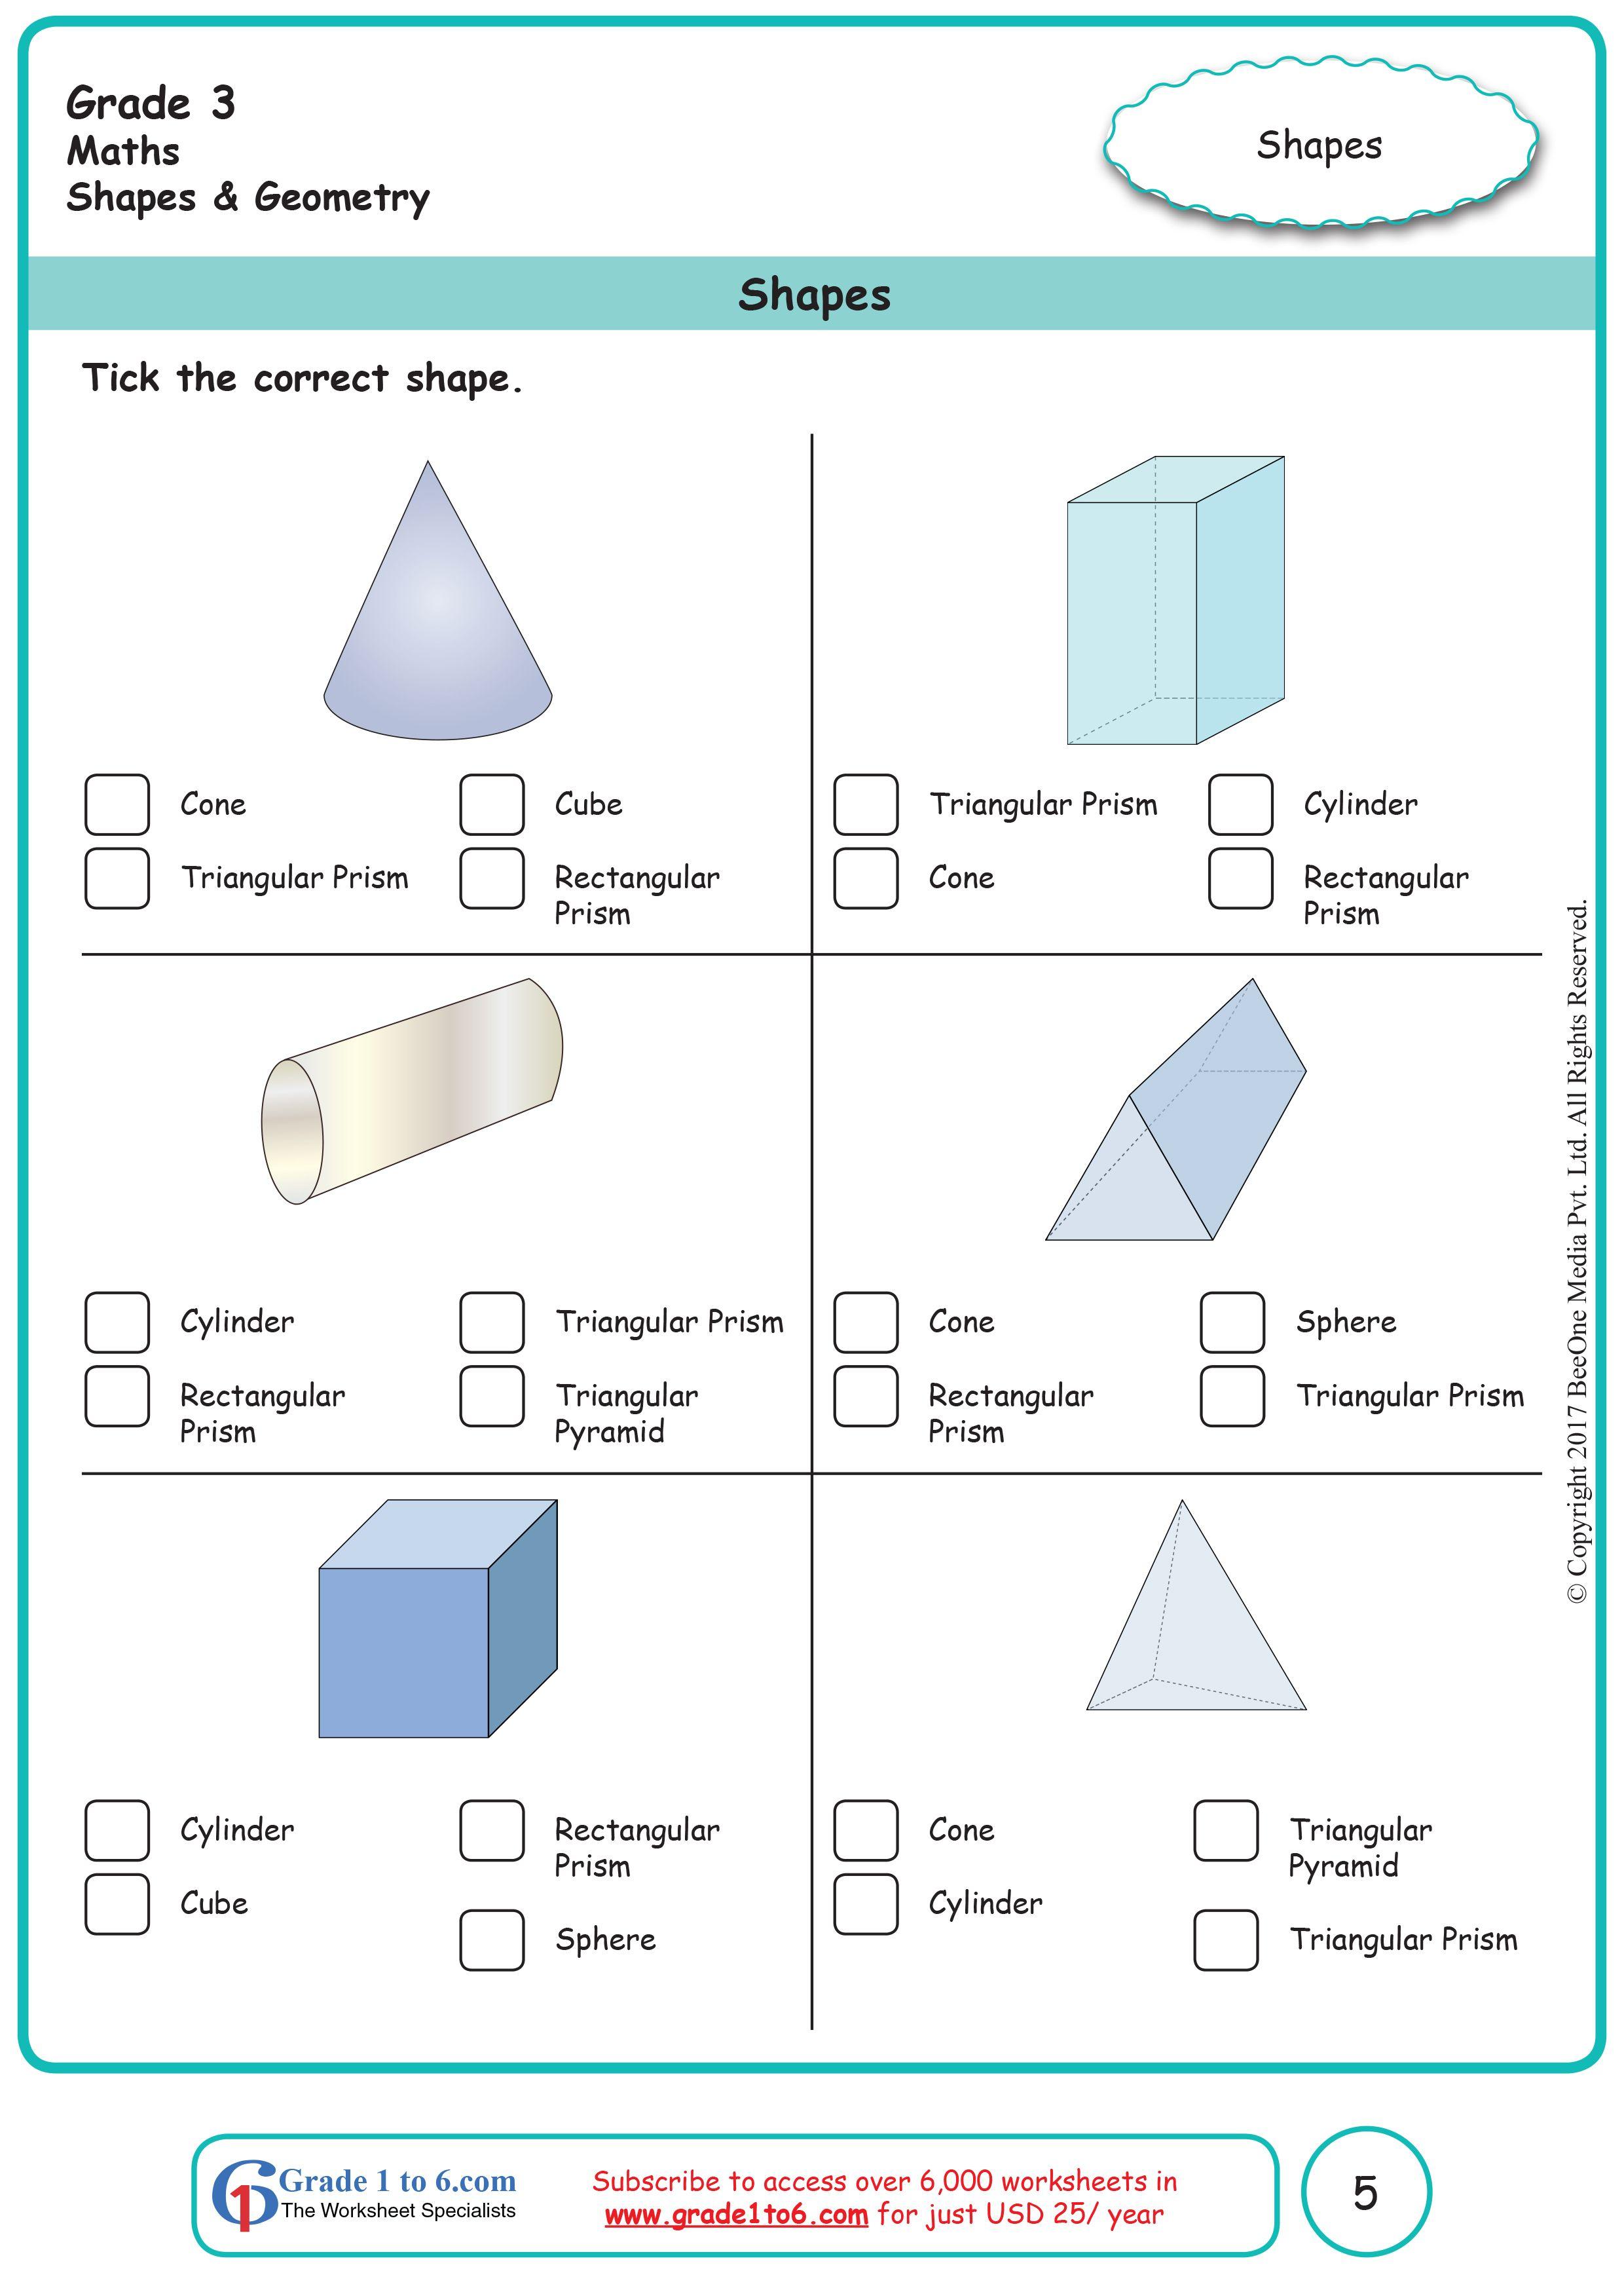 medium resolution of Shapes